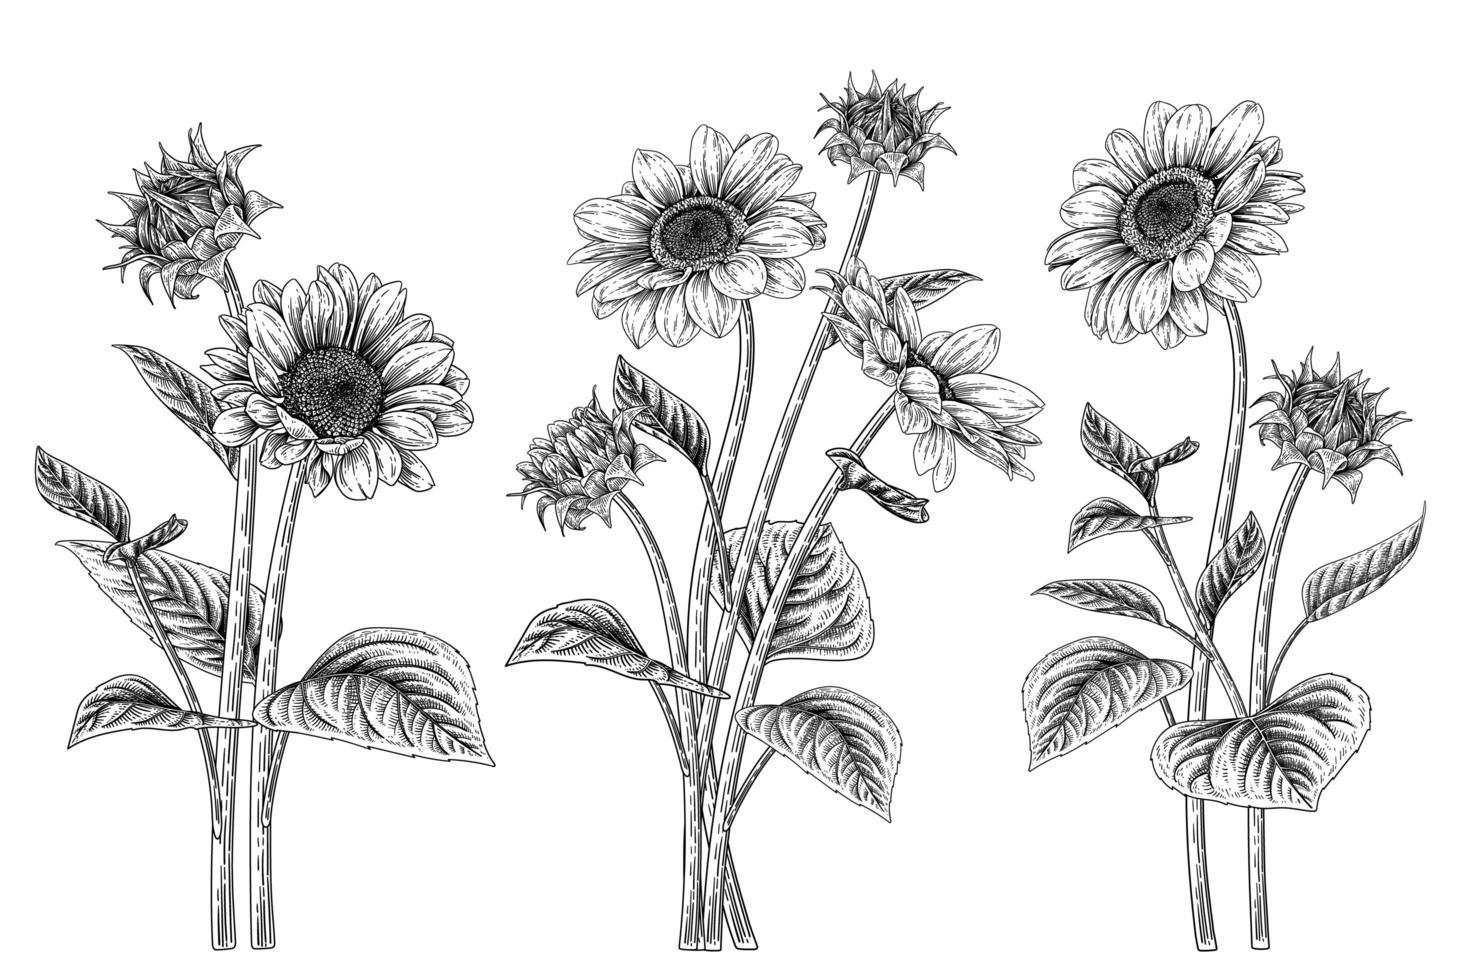 handgezeichnete Elemente der Sonnenblume vektor